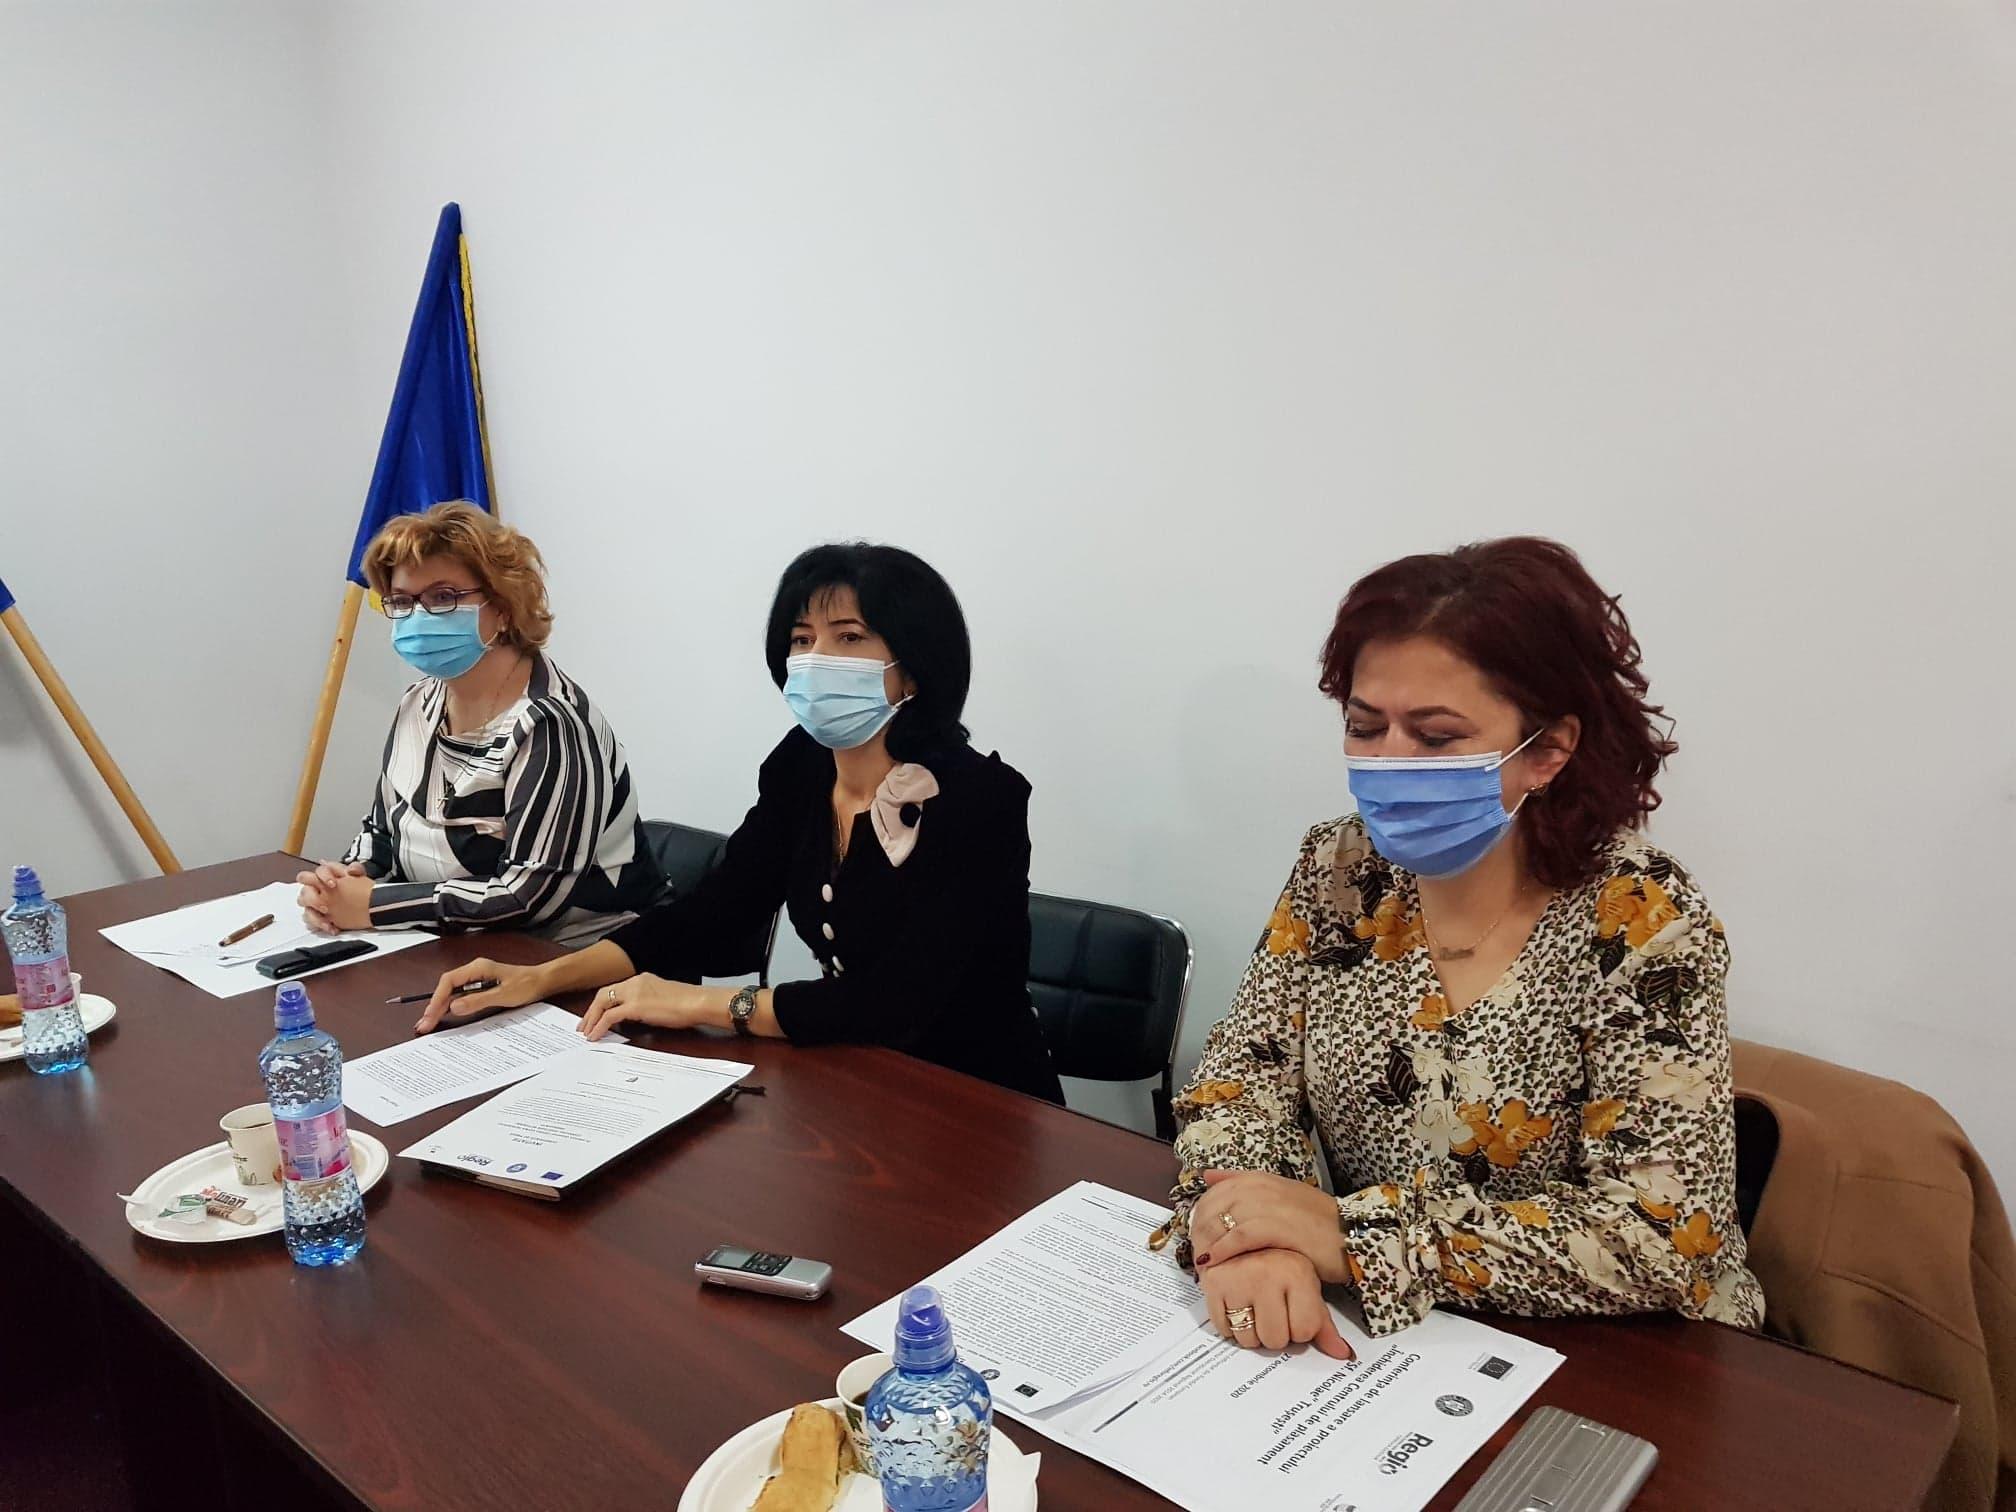 """Președintele Consiliului Județean Botoșani,  Doina-Elena Federovici prezentă la lansarea proiectului """"Închiderea Centrului de Plasament """"Sfântul Nicolae"""" Trușești"""""""